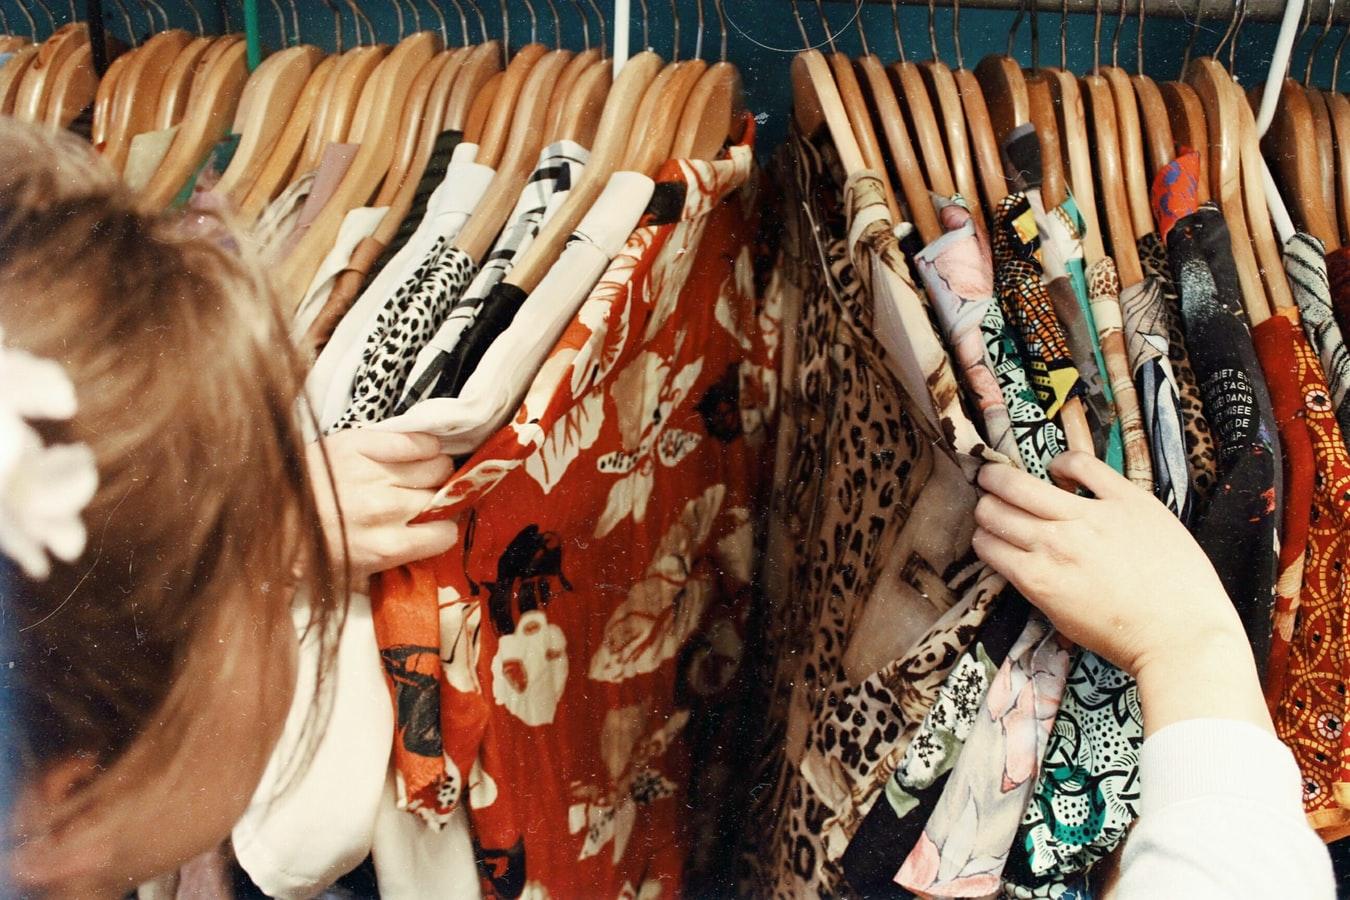 零售商紛紛關店,使年長女性愈來愈難購衣。(Photo by Becca McHaffie on Unsplash)